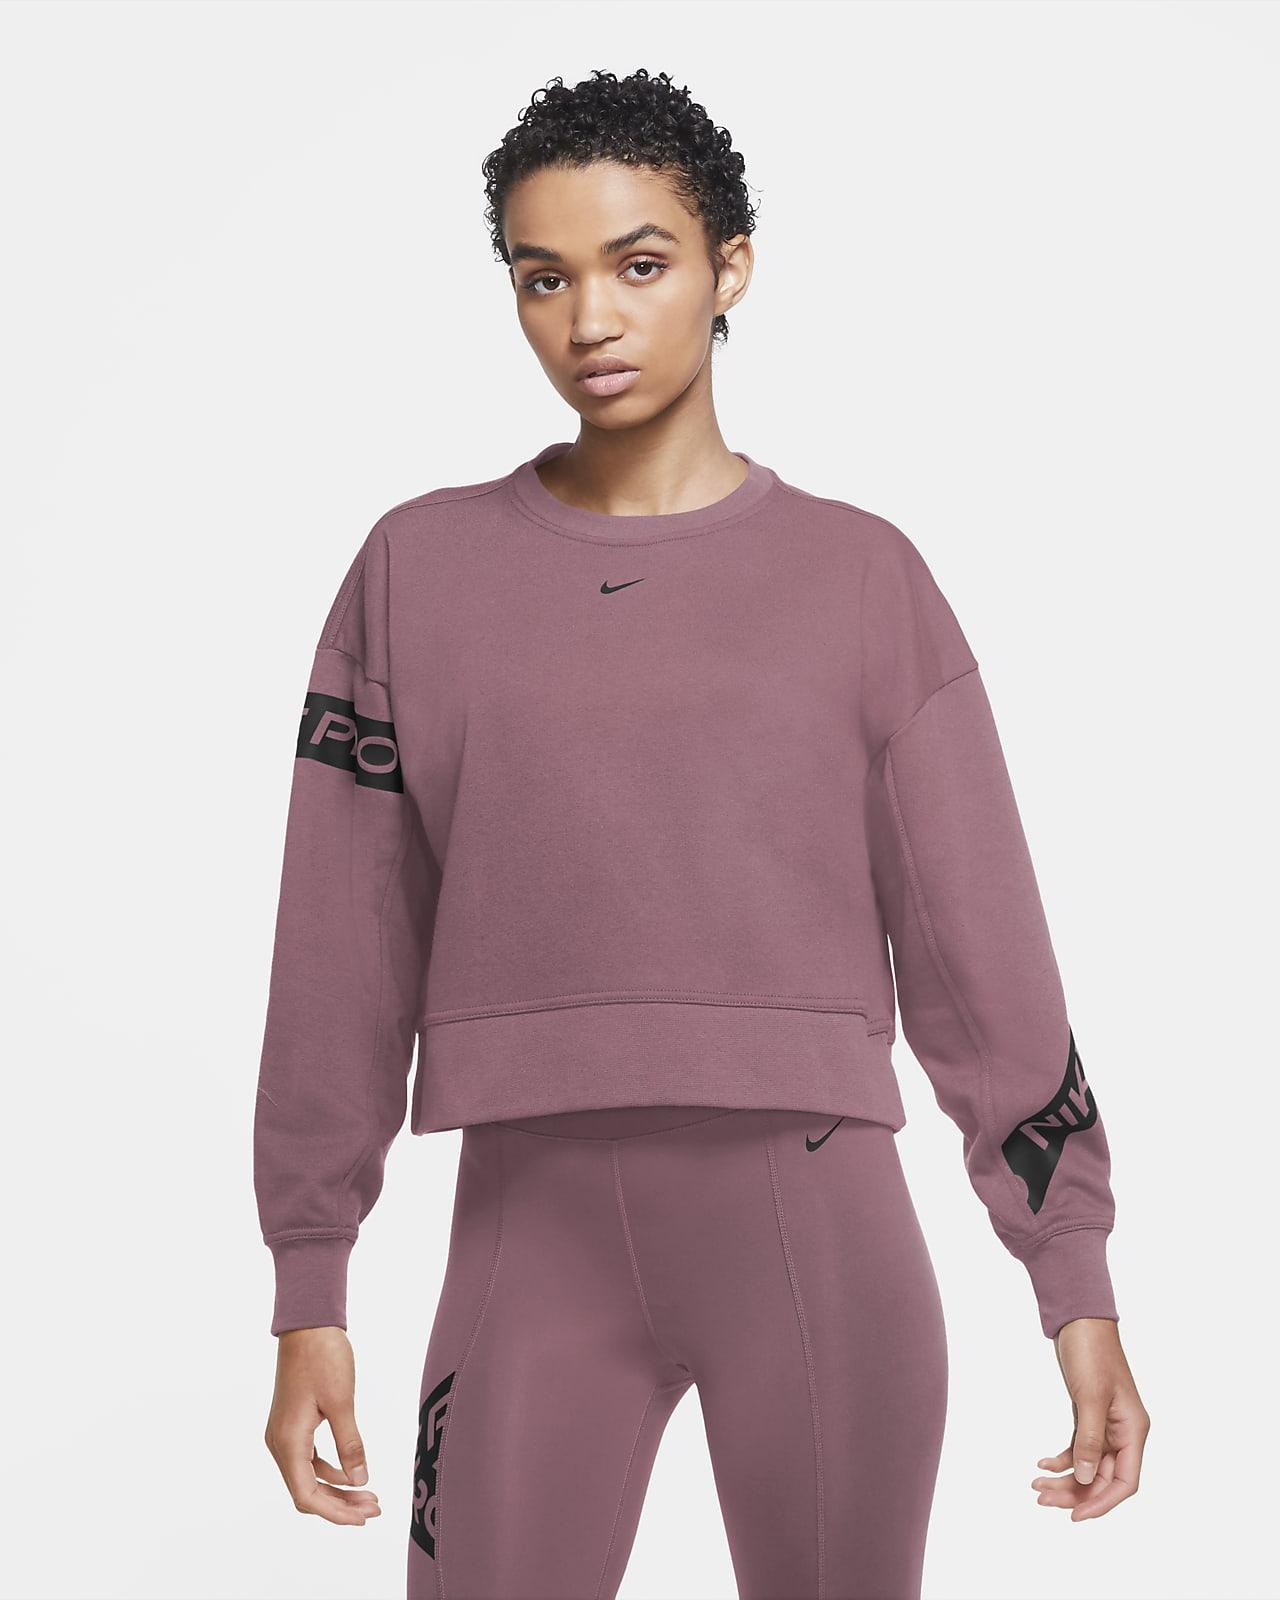 Nike Pro Dri-FIT Get Fit Trainings-Rundhalsshirt für Damen